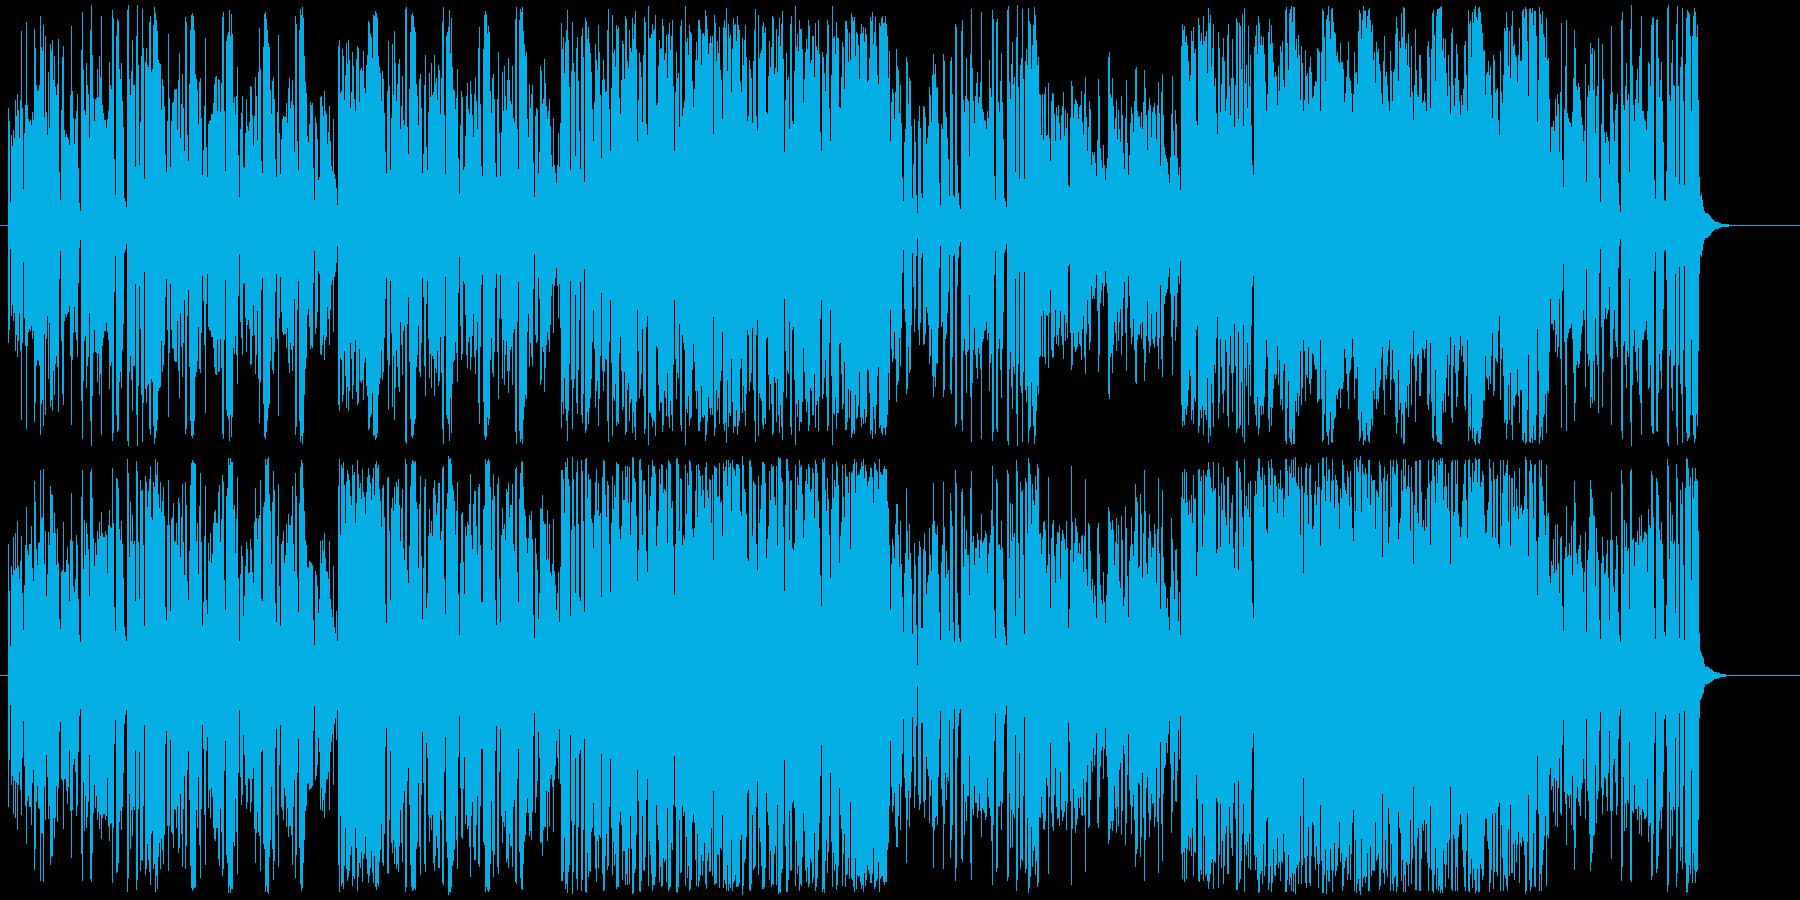 楽しくにぎやかなビックバンドジャズの再生済みの波形